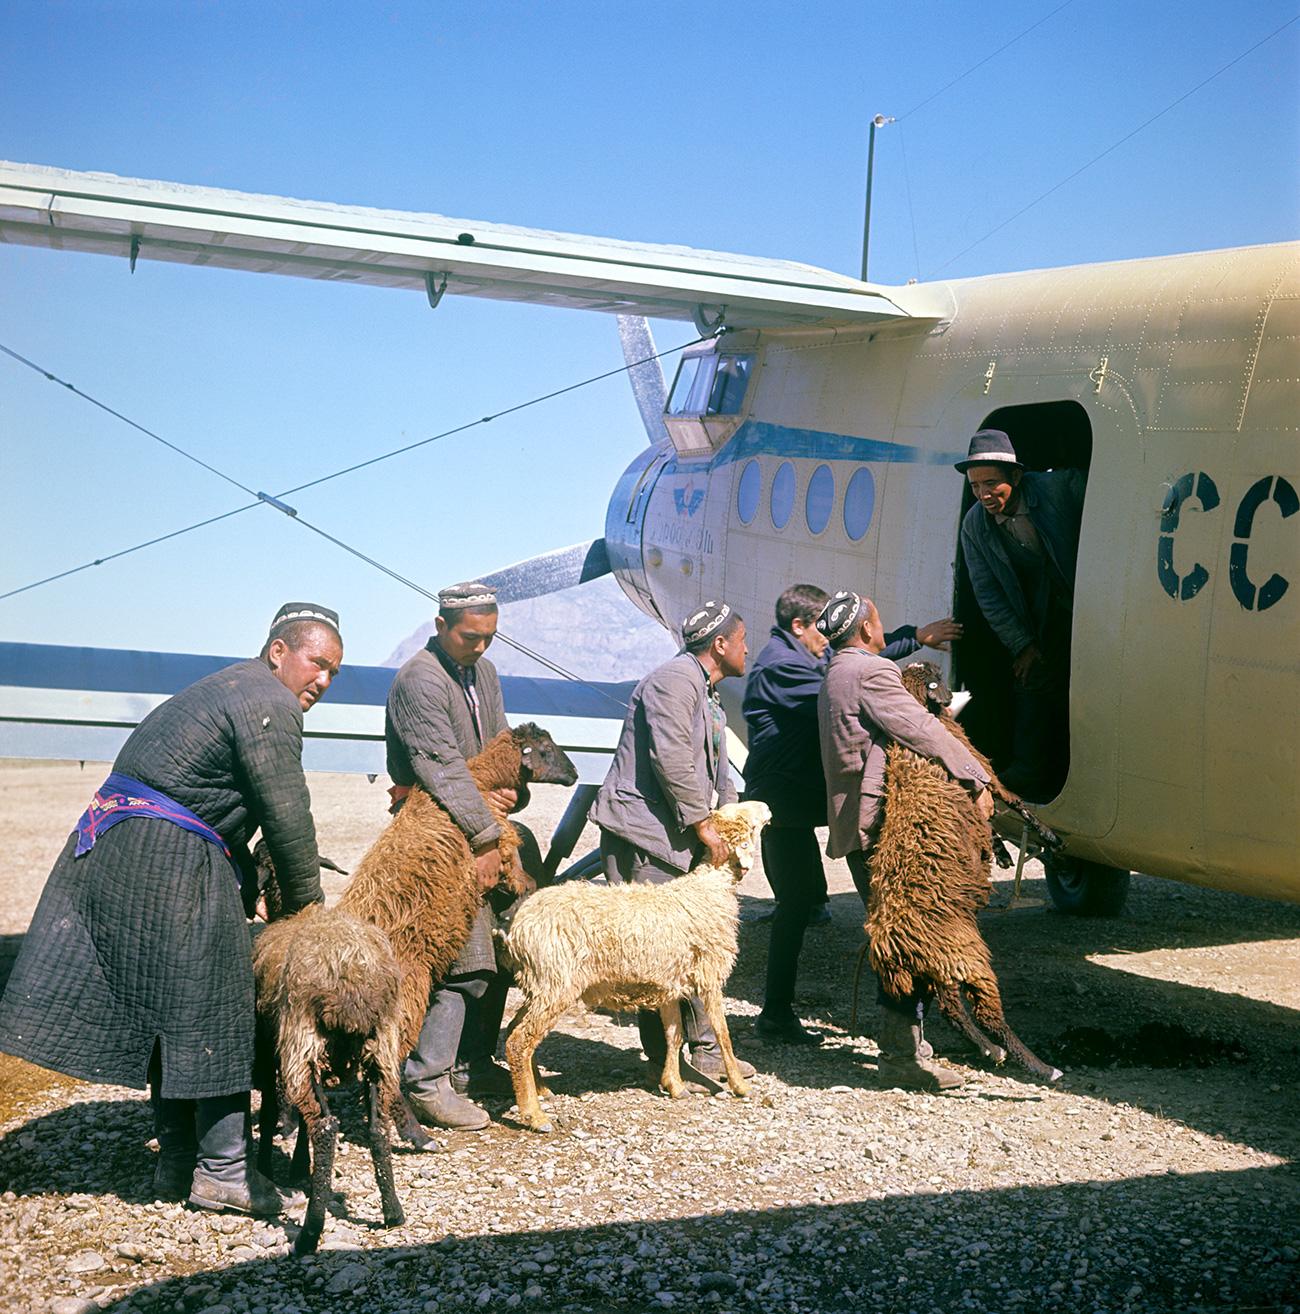 Menggiring dan memasukkan domba ke pesawat An-2 di Republik Sosialis Soviet Uzbekistan pada 1967. Sumber: E. Vilchinskiy/RIA Novosti